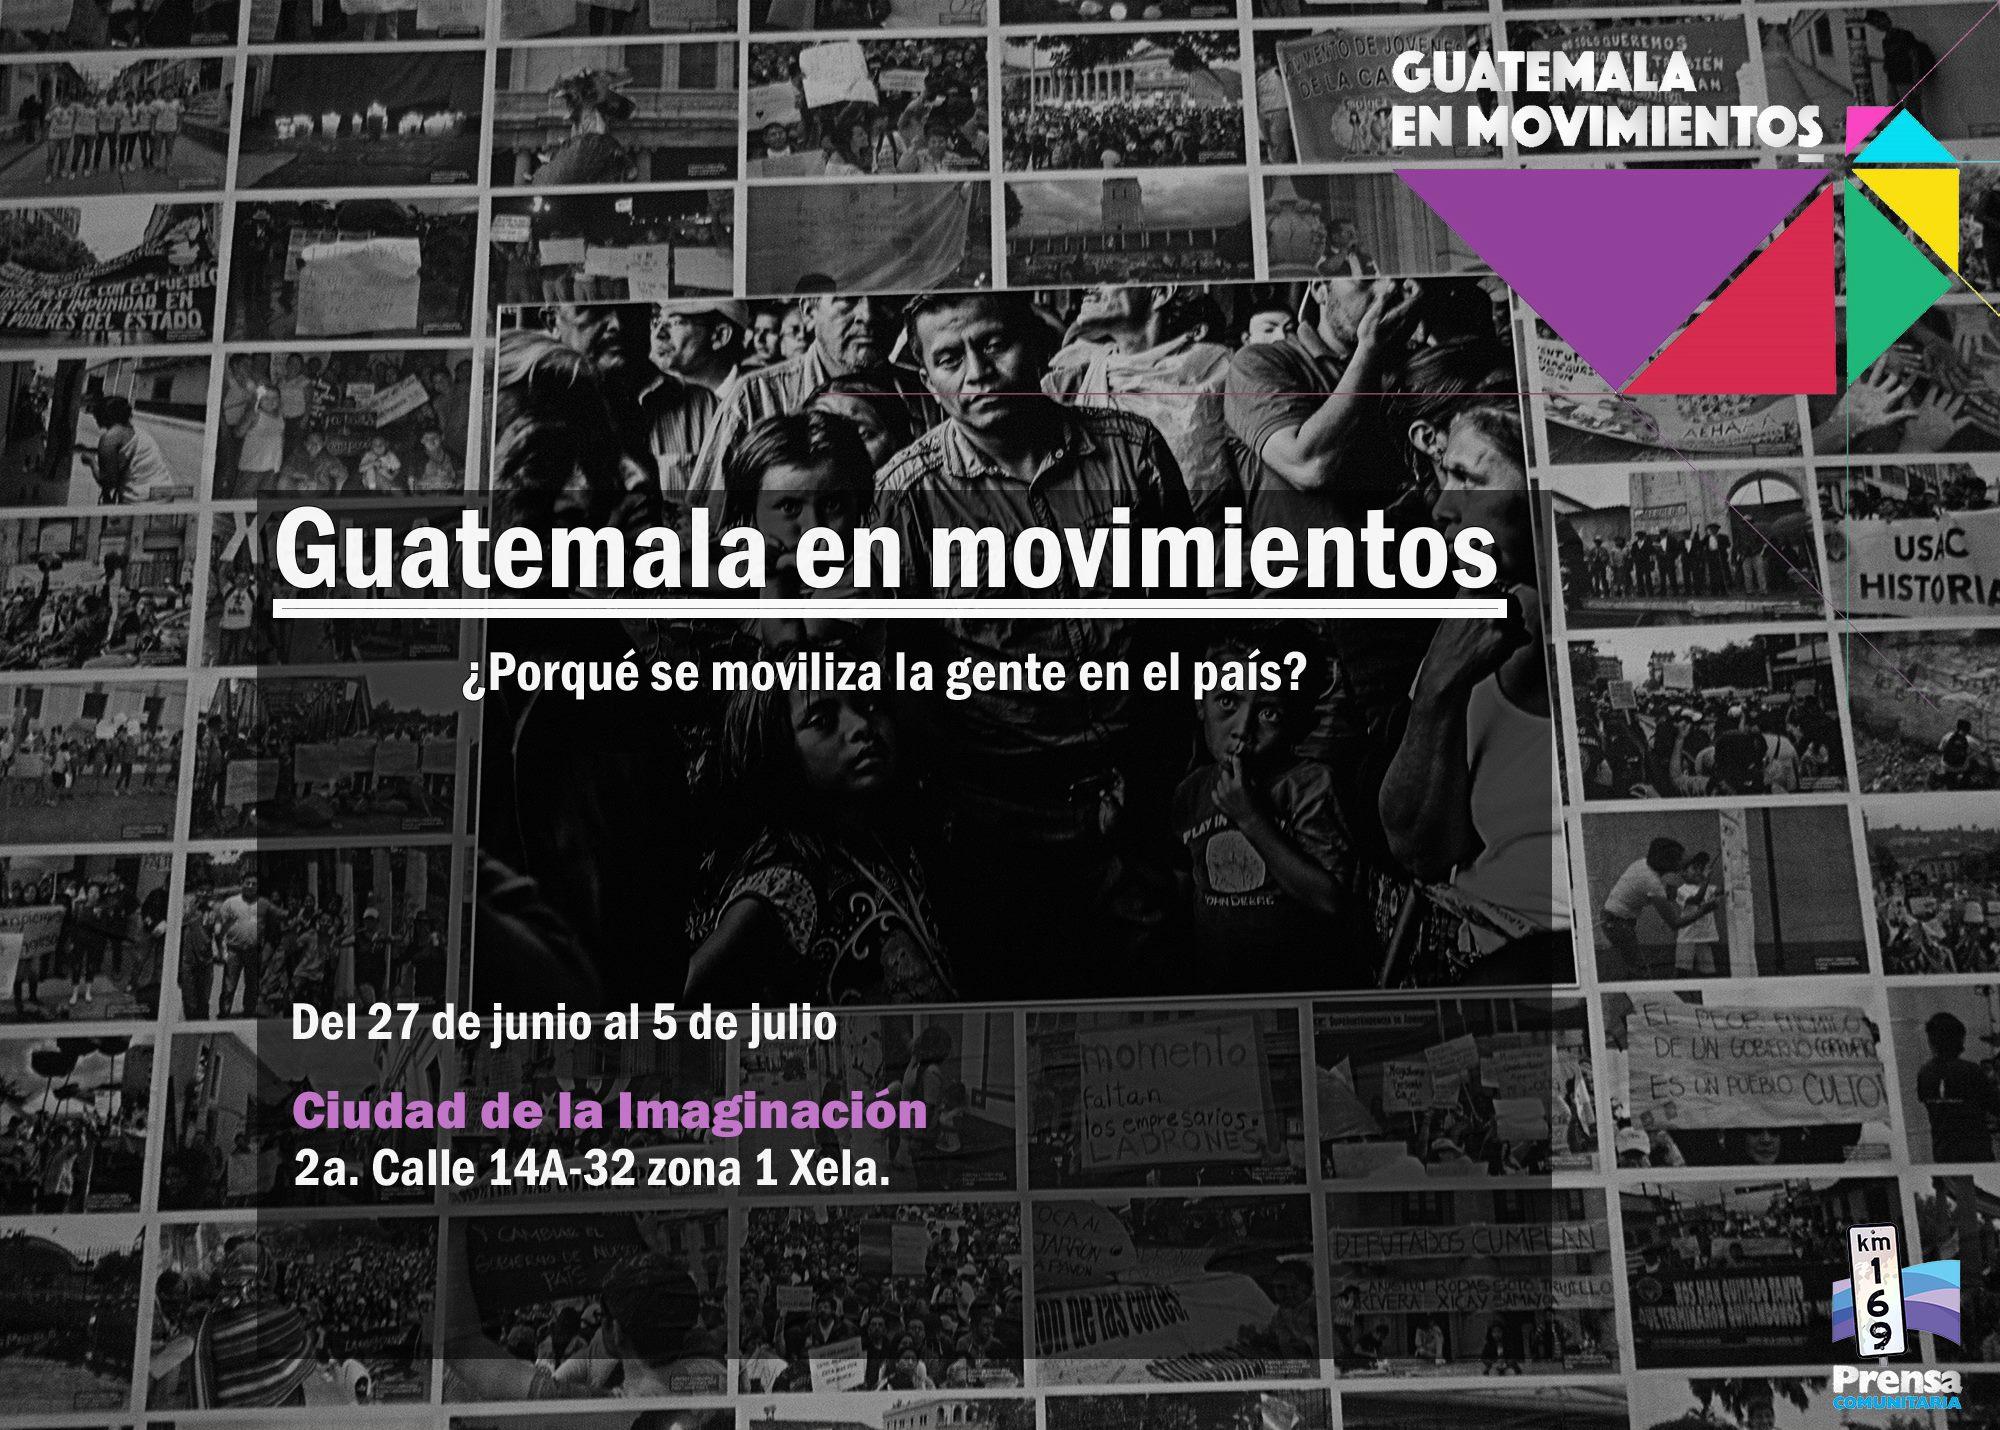 Guatemala en Movimientos